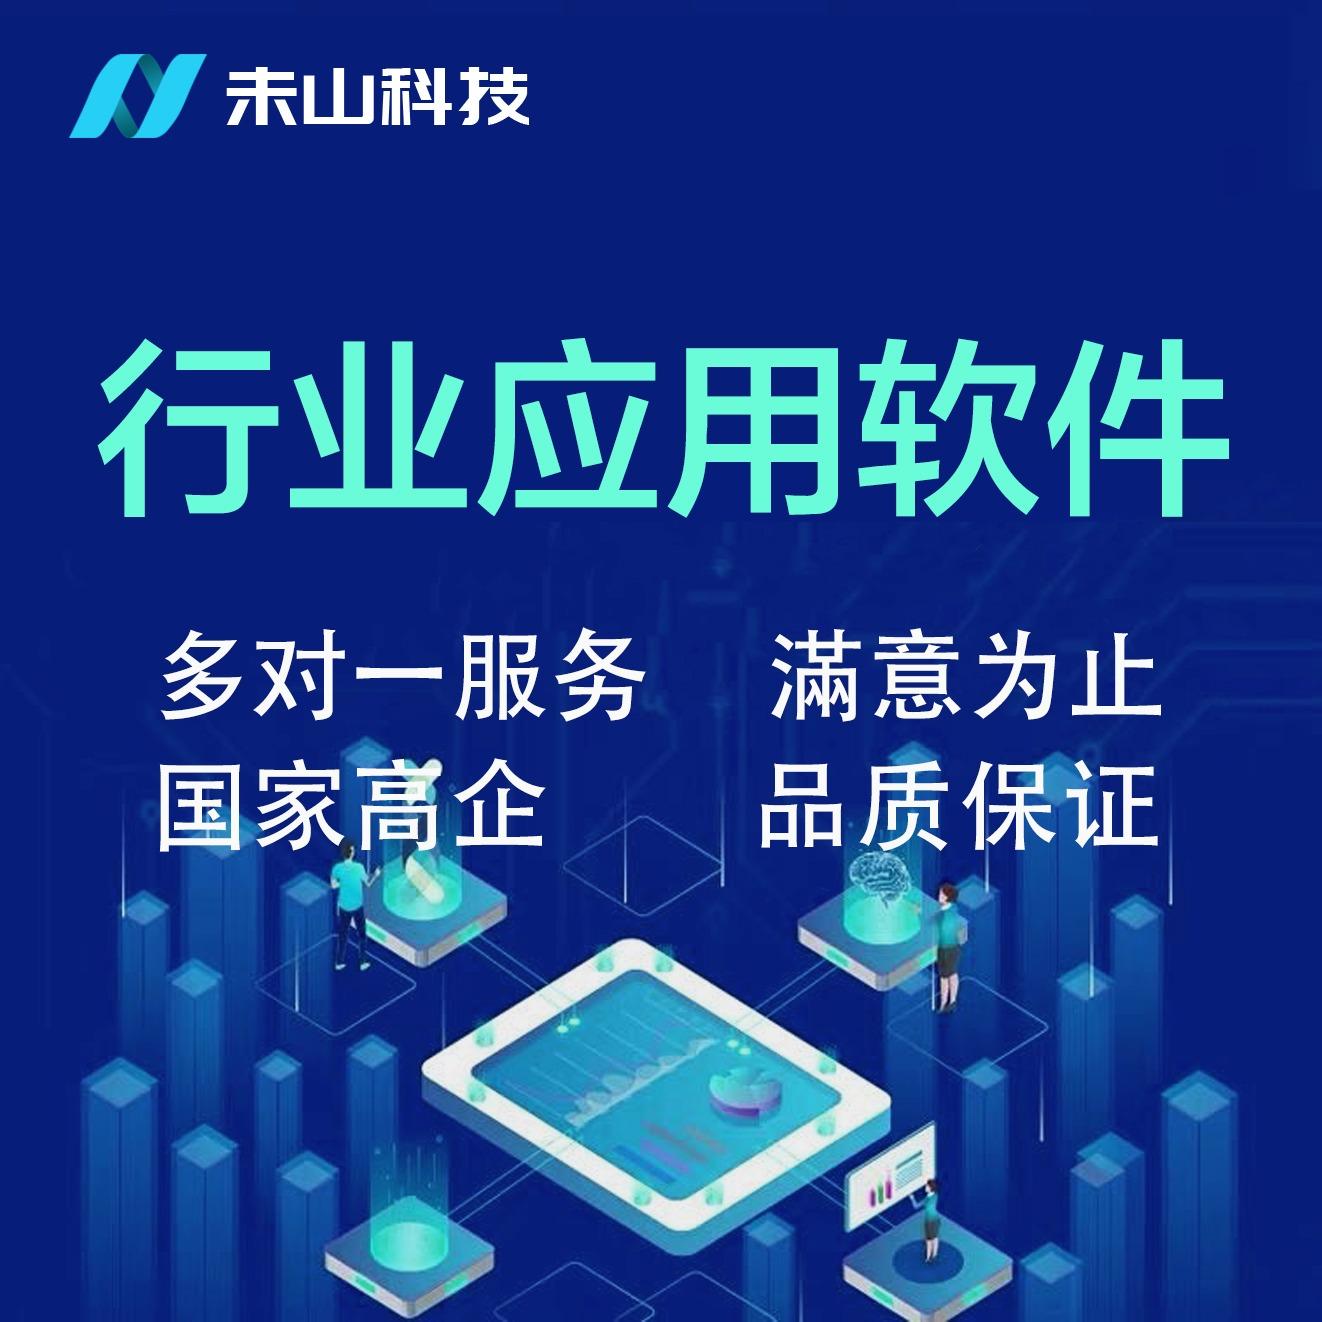 行业 应用 软件 /银行 软件 /能源电力/房地产广告/互联网共享经济